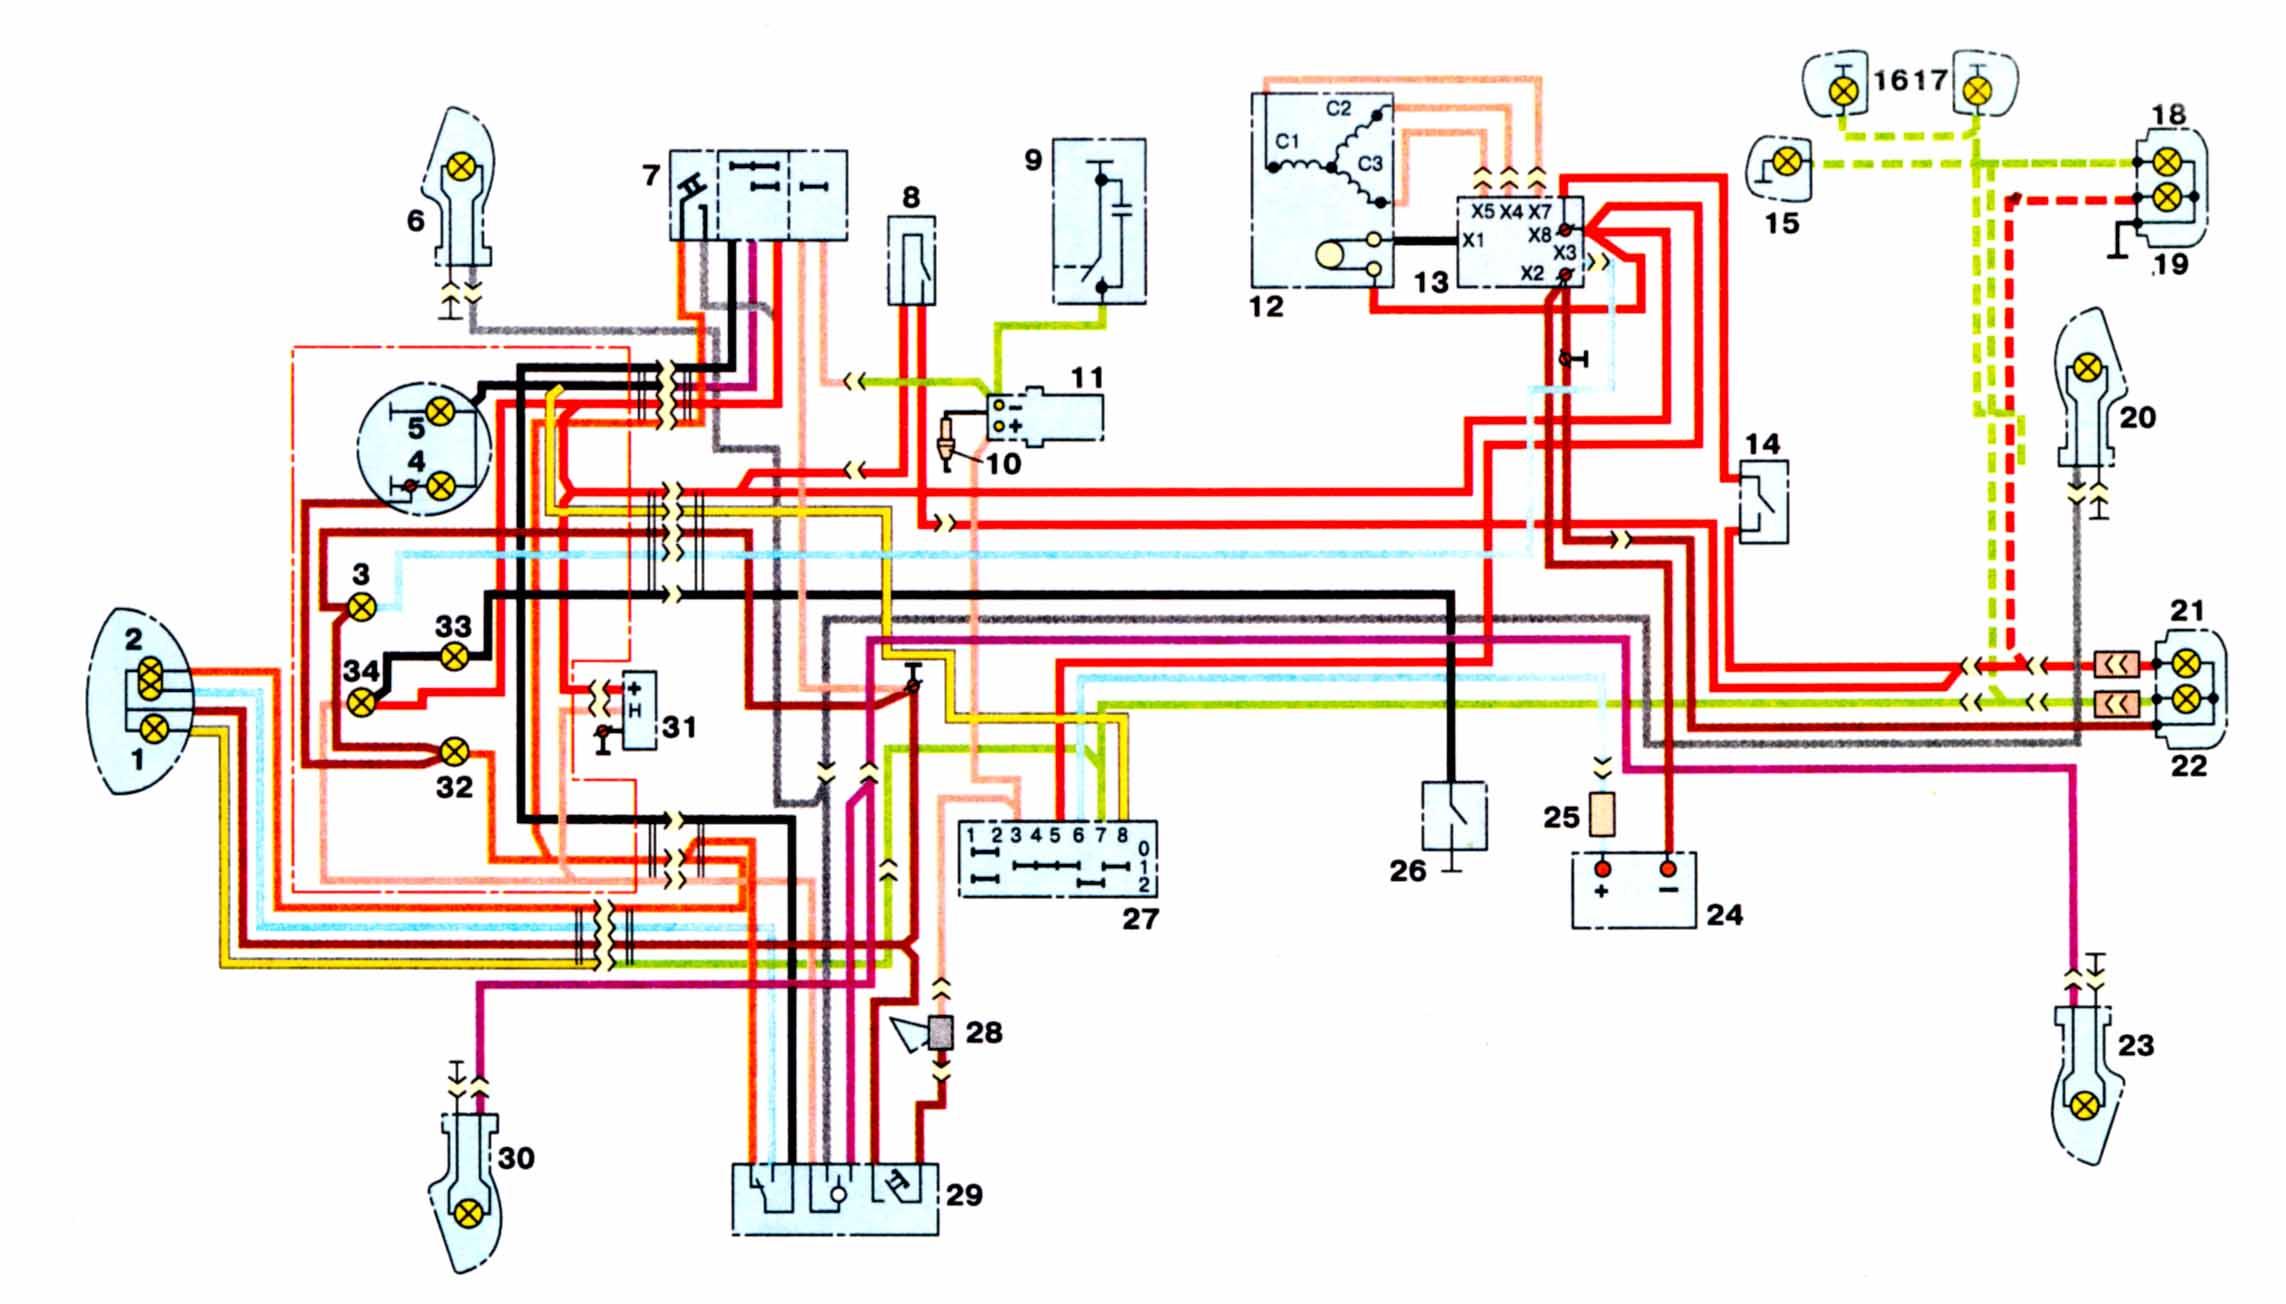 Схема электрооборудования мотоциклов ИЖ-56, Иж-Планета, Иж-Юпитер ИЖ-56 1 - включатель стоп.